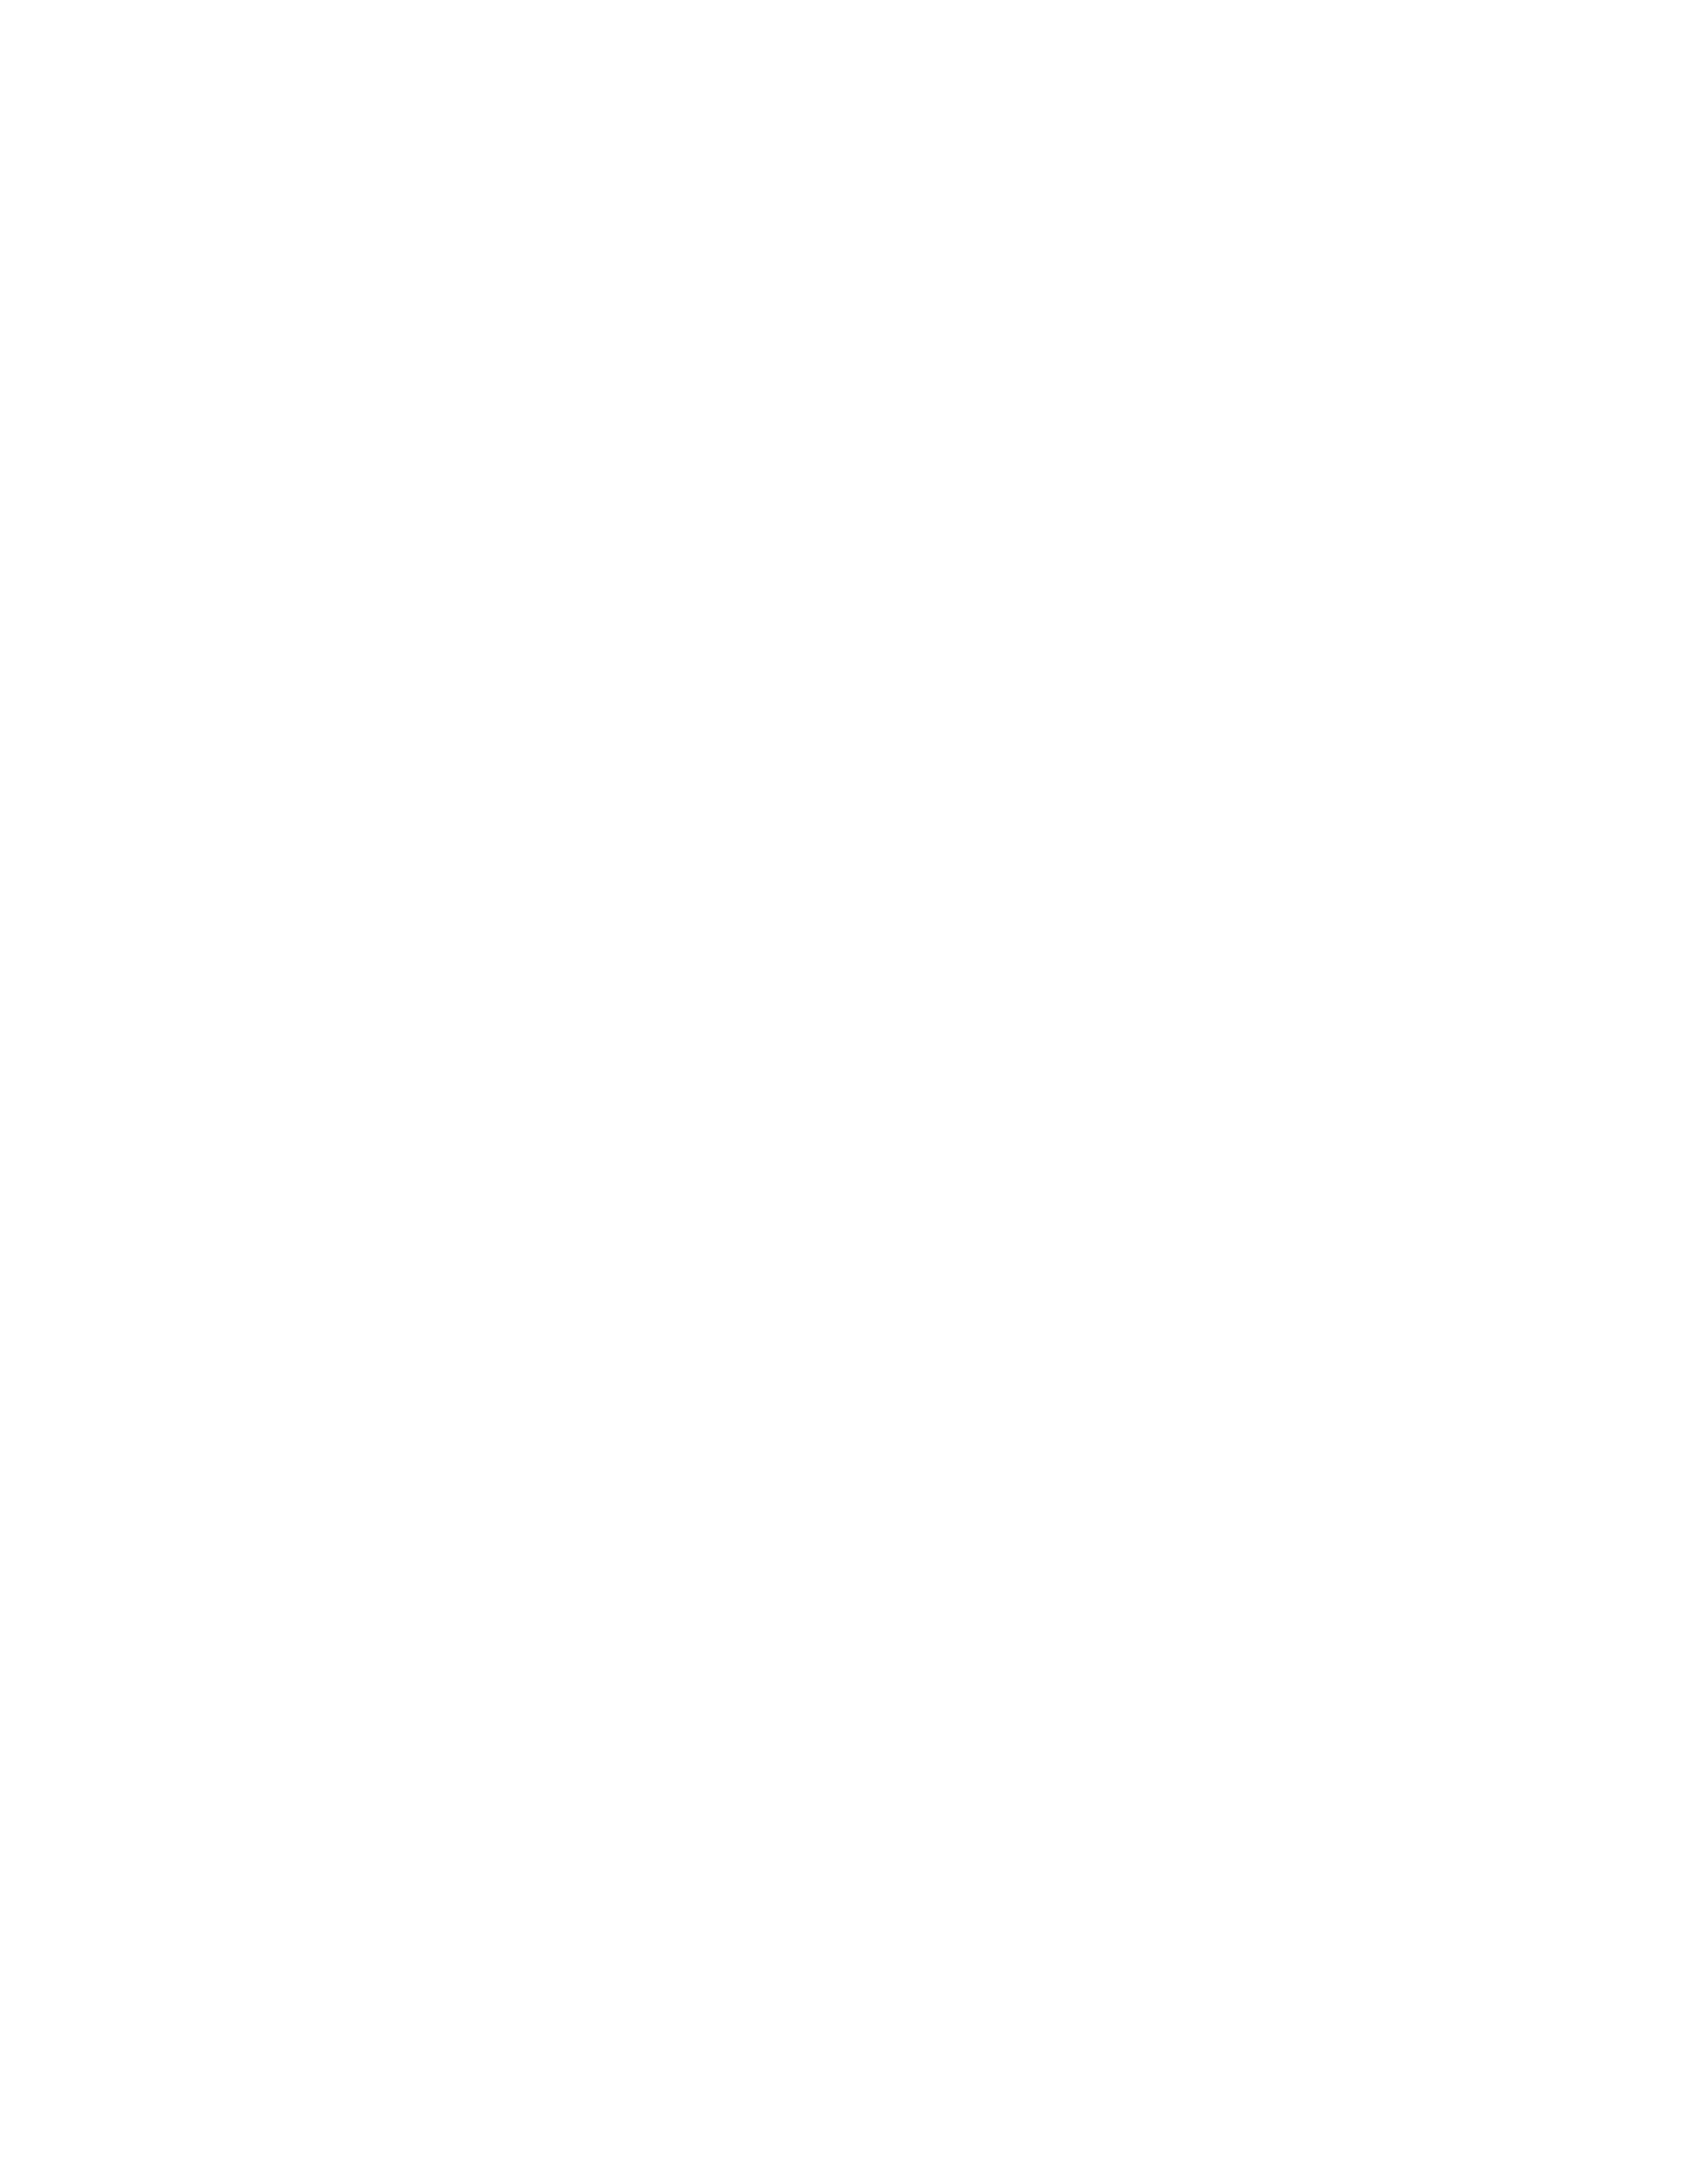 No Code Report